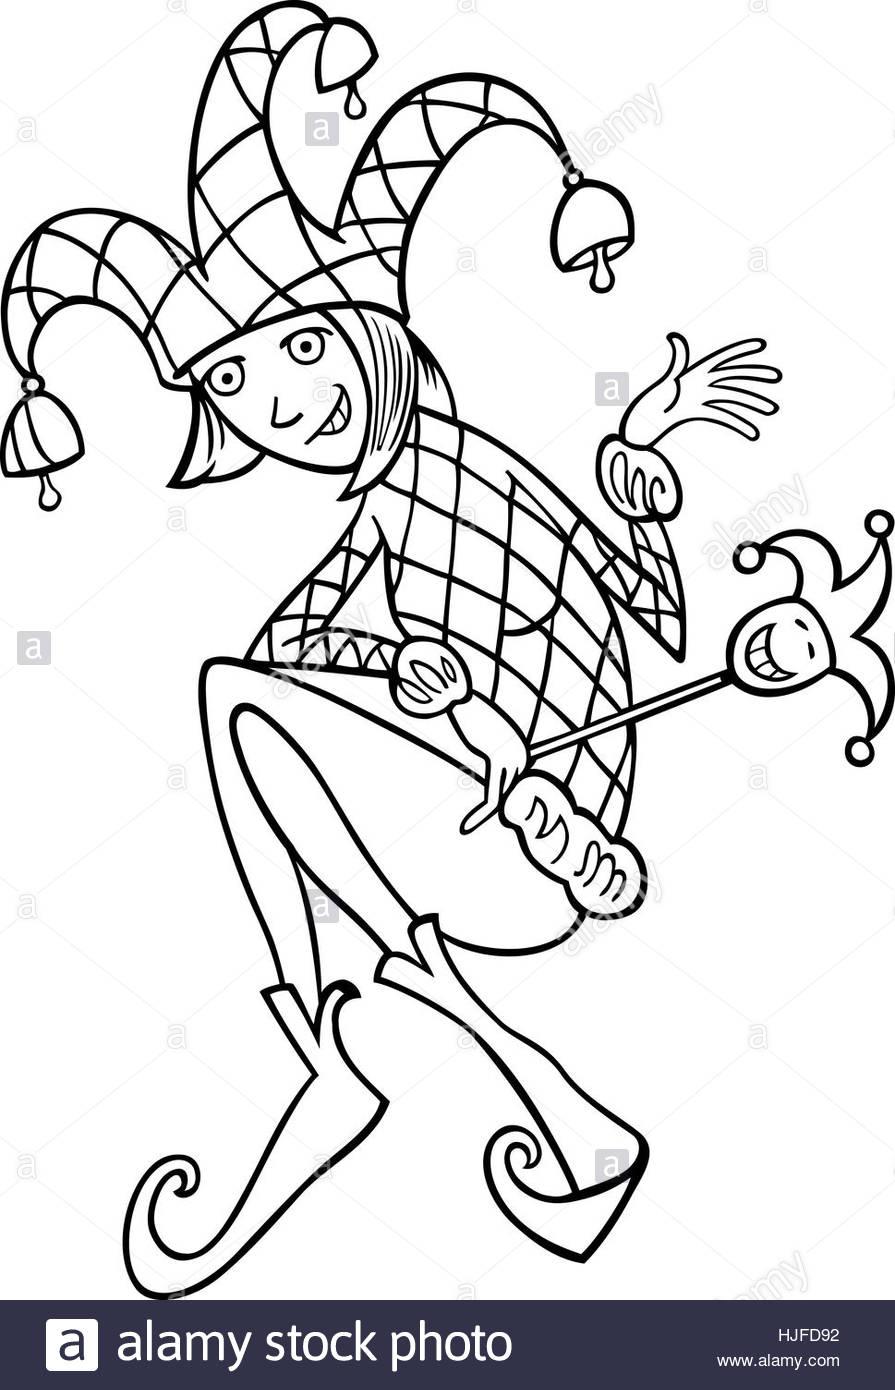 895x1390 Woman, Illustration, Funny, Fool, Jester, Joker, Cartoon, Chump